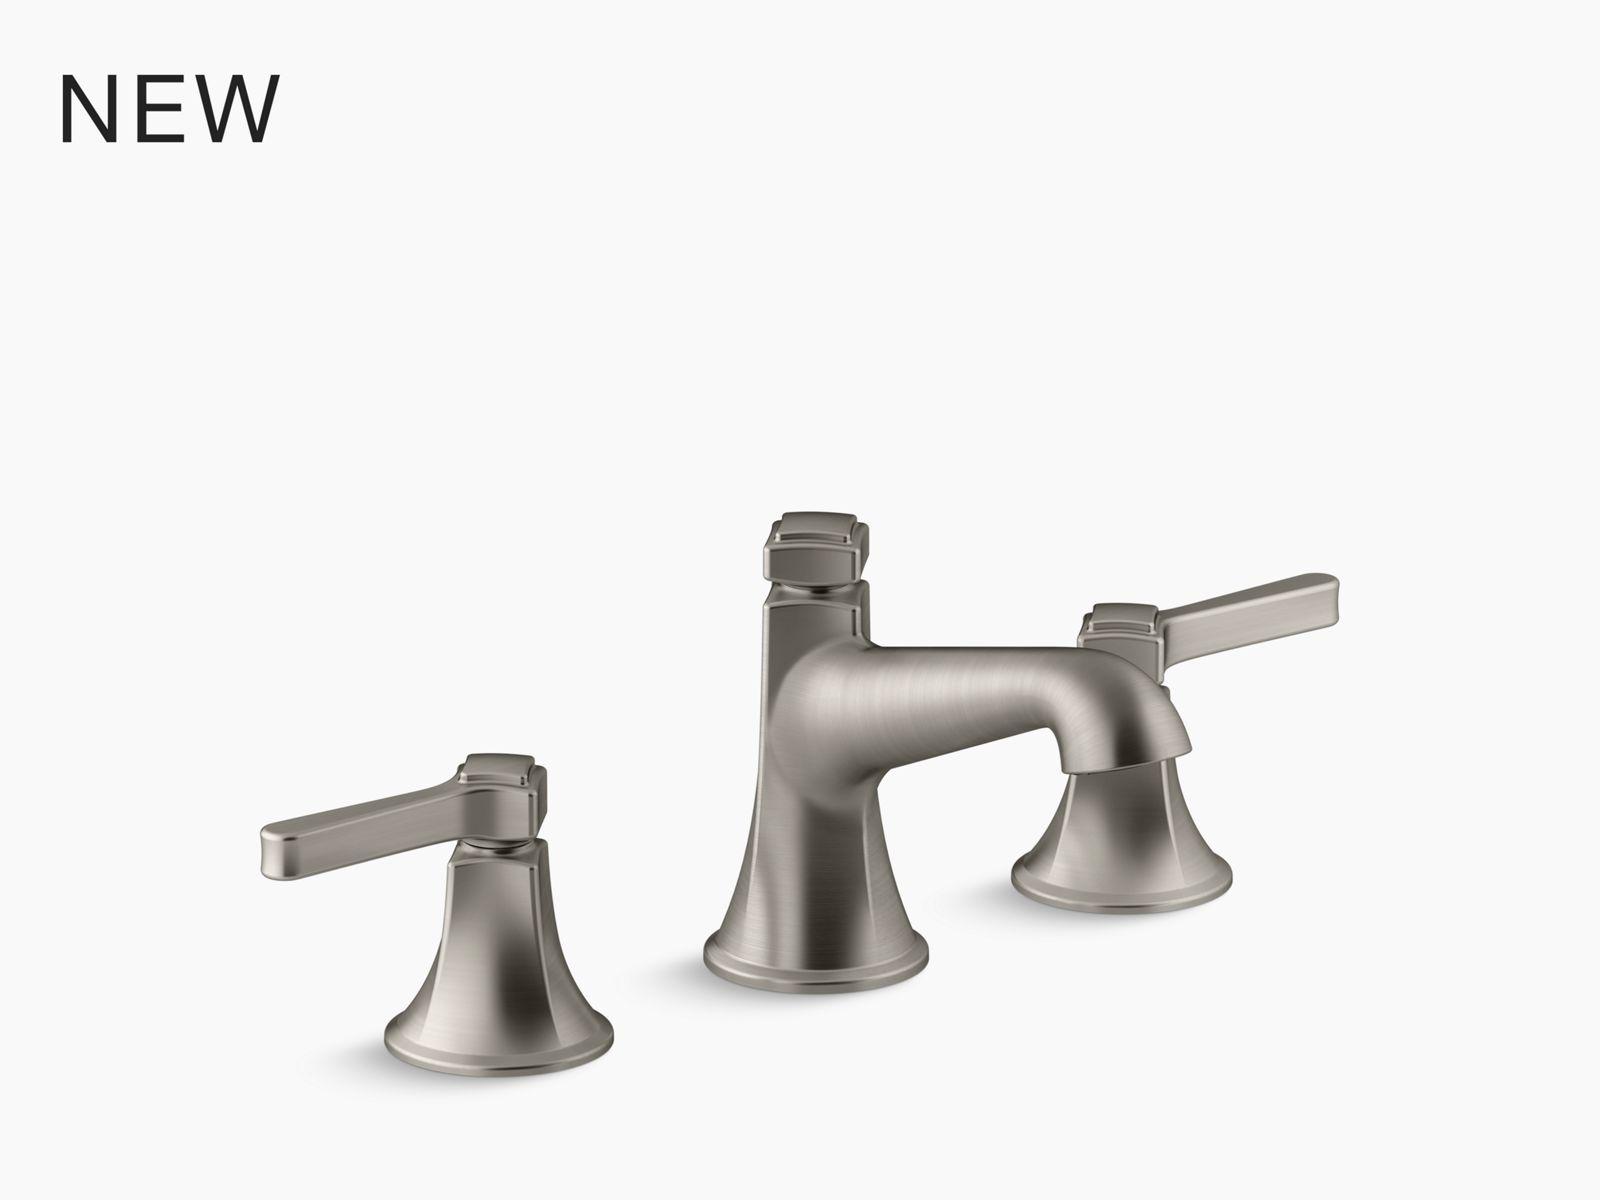 deck mount bath faucet 14775t 4 kohler